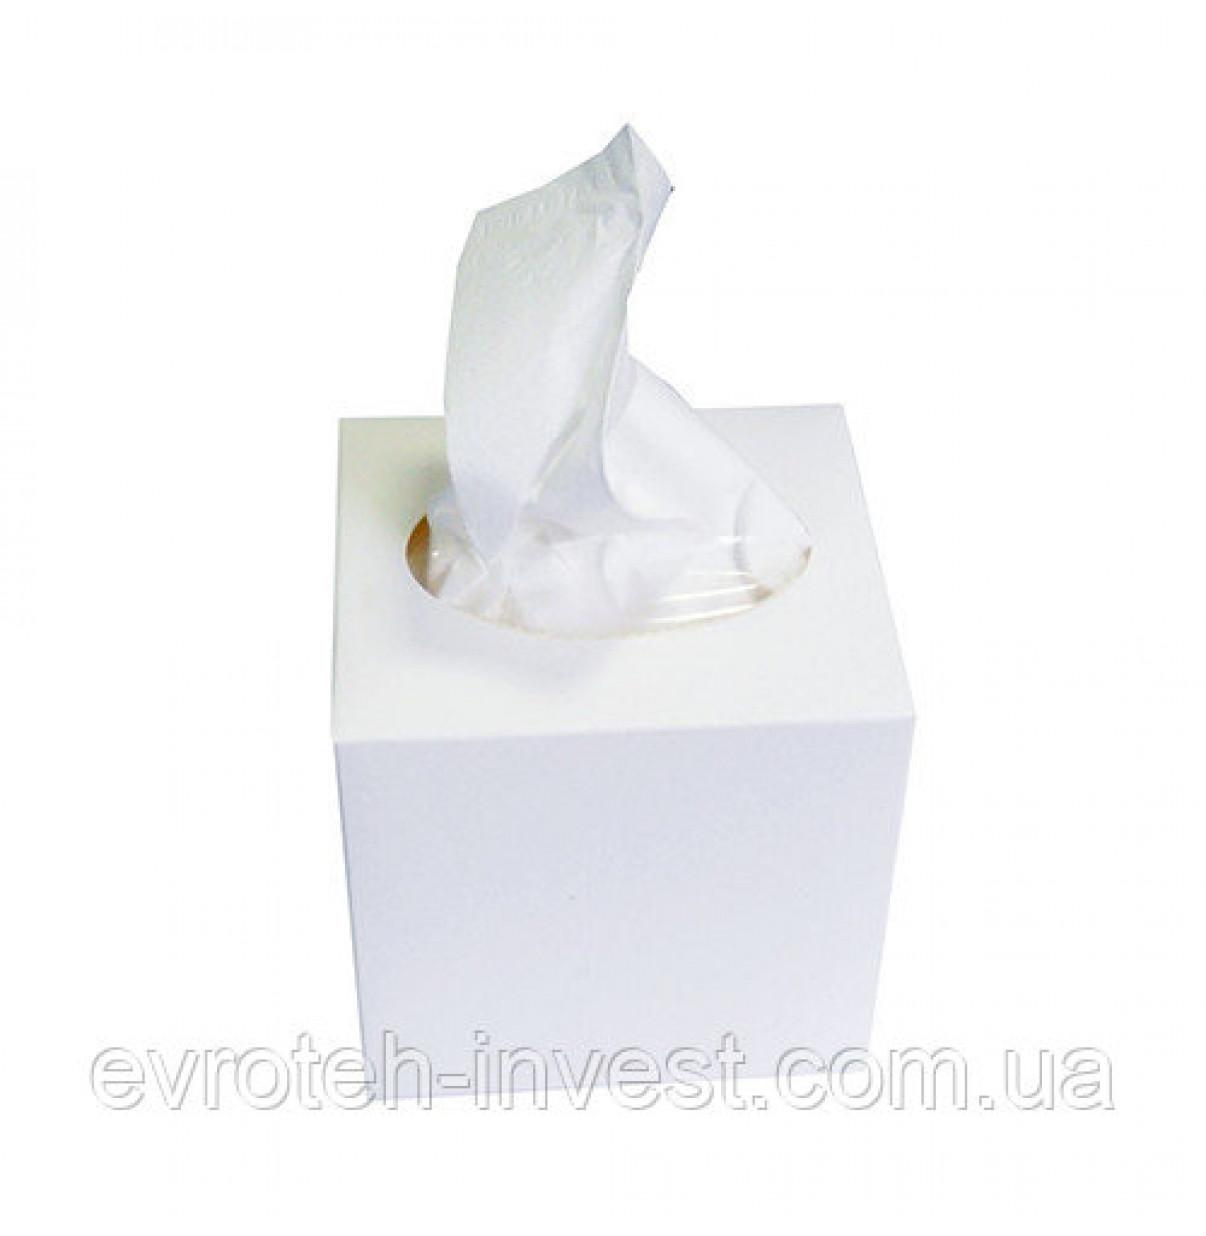 Салфетки бумажные космитич. в коробке (за 1 шт)